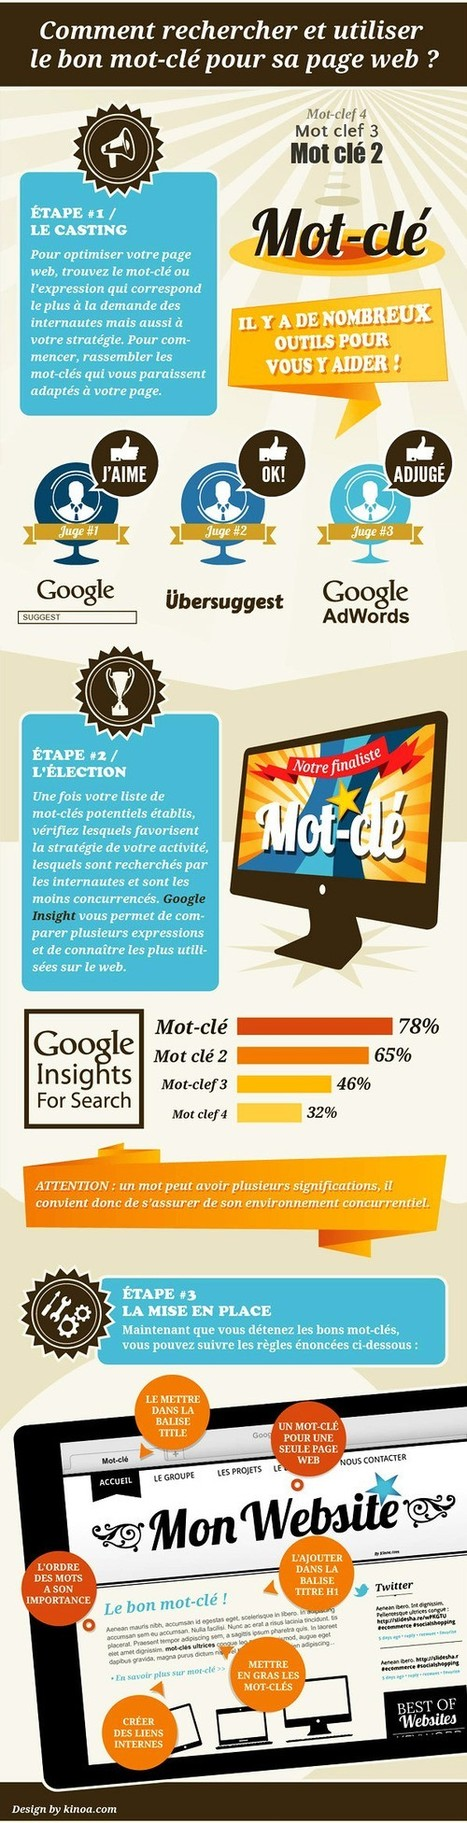 Comment trouver le bon mot clé pour sa page web | infographics2day | Scoop.it